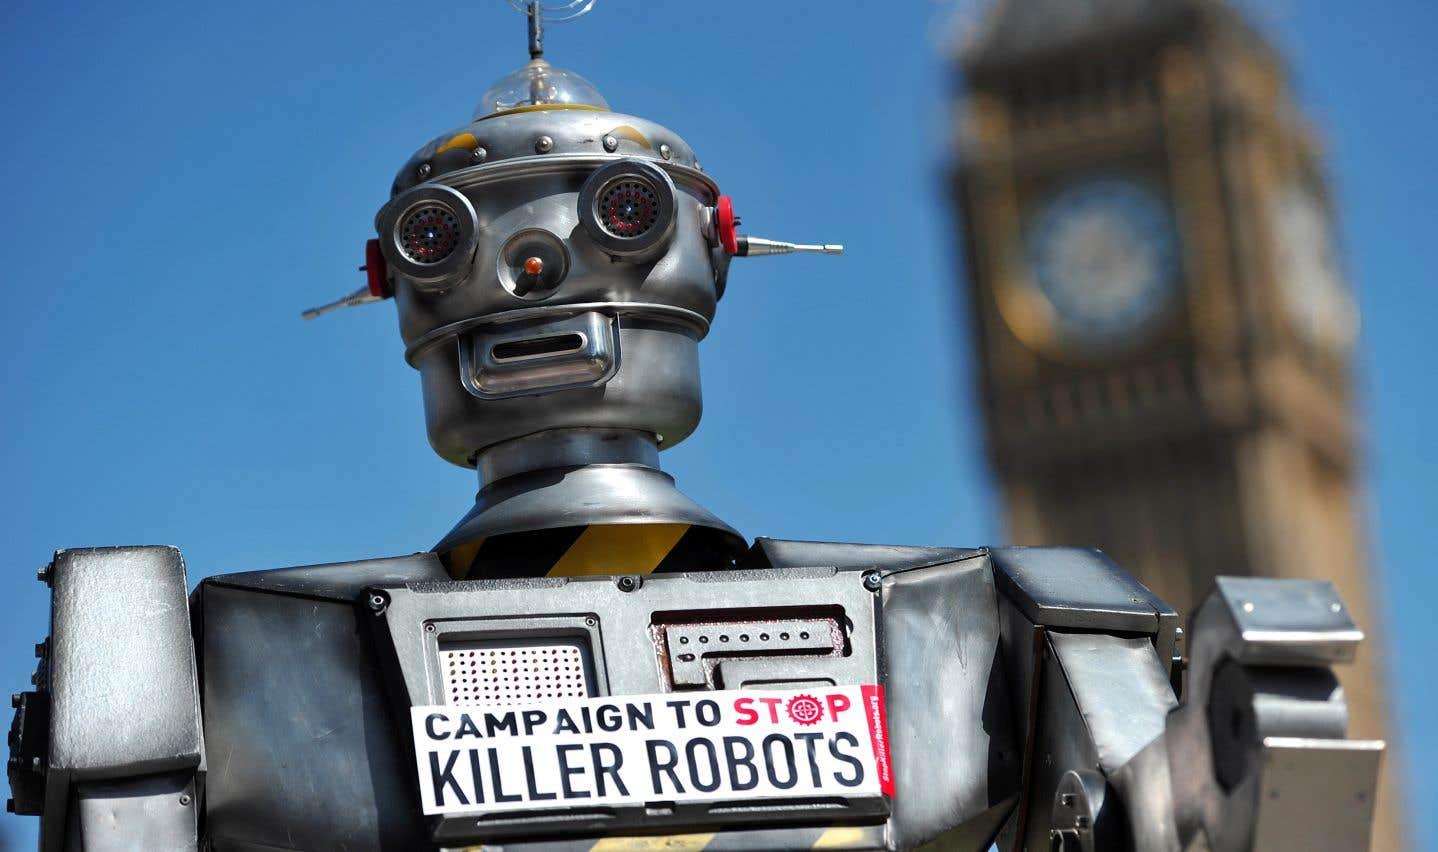 Les partisans d'une interdiction, comme les membres de la campagne Stop Killer Robots («Arrêtons les robots tueurs»), estiment que l'humain doit en dernier ressort rester maître de la décision de tuer.